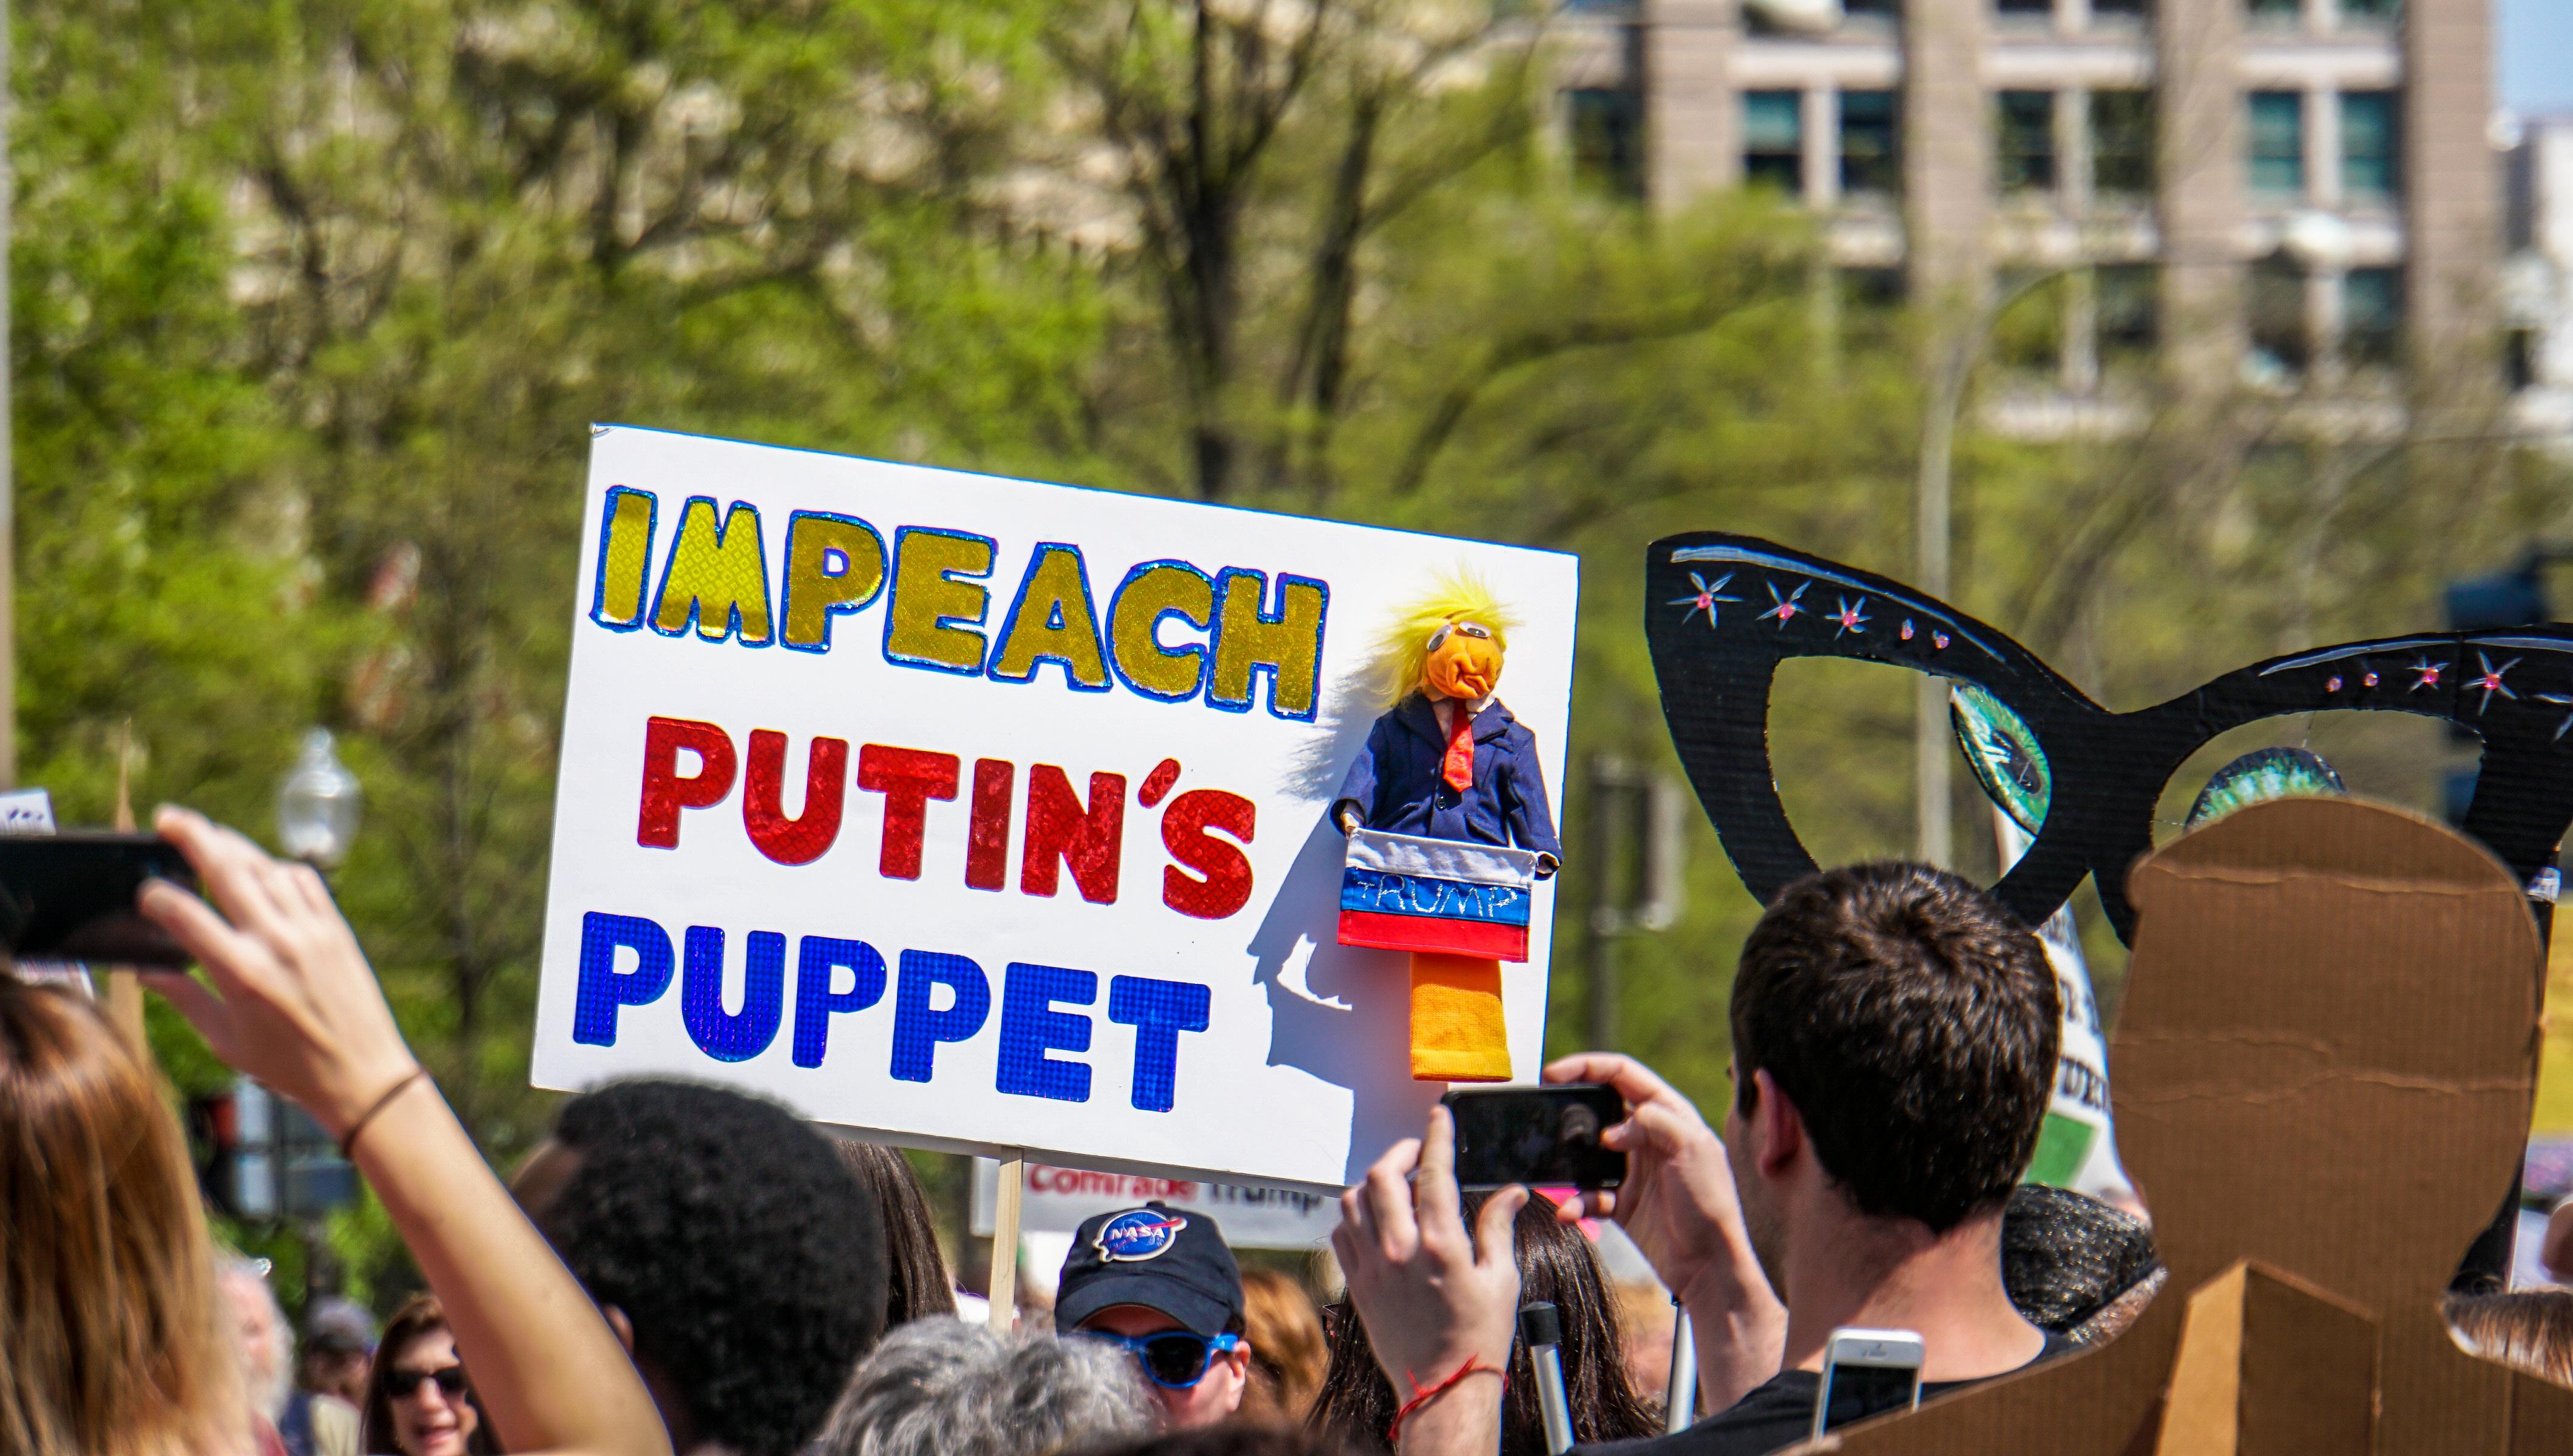 Bildergebnis für Wikimedia Commons Bilder Über die Russophobie in Washington